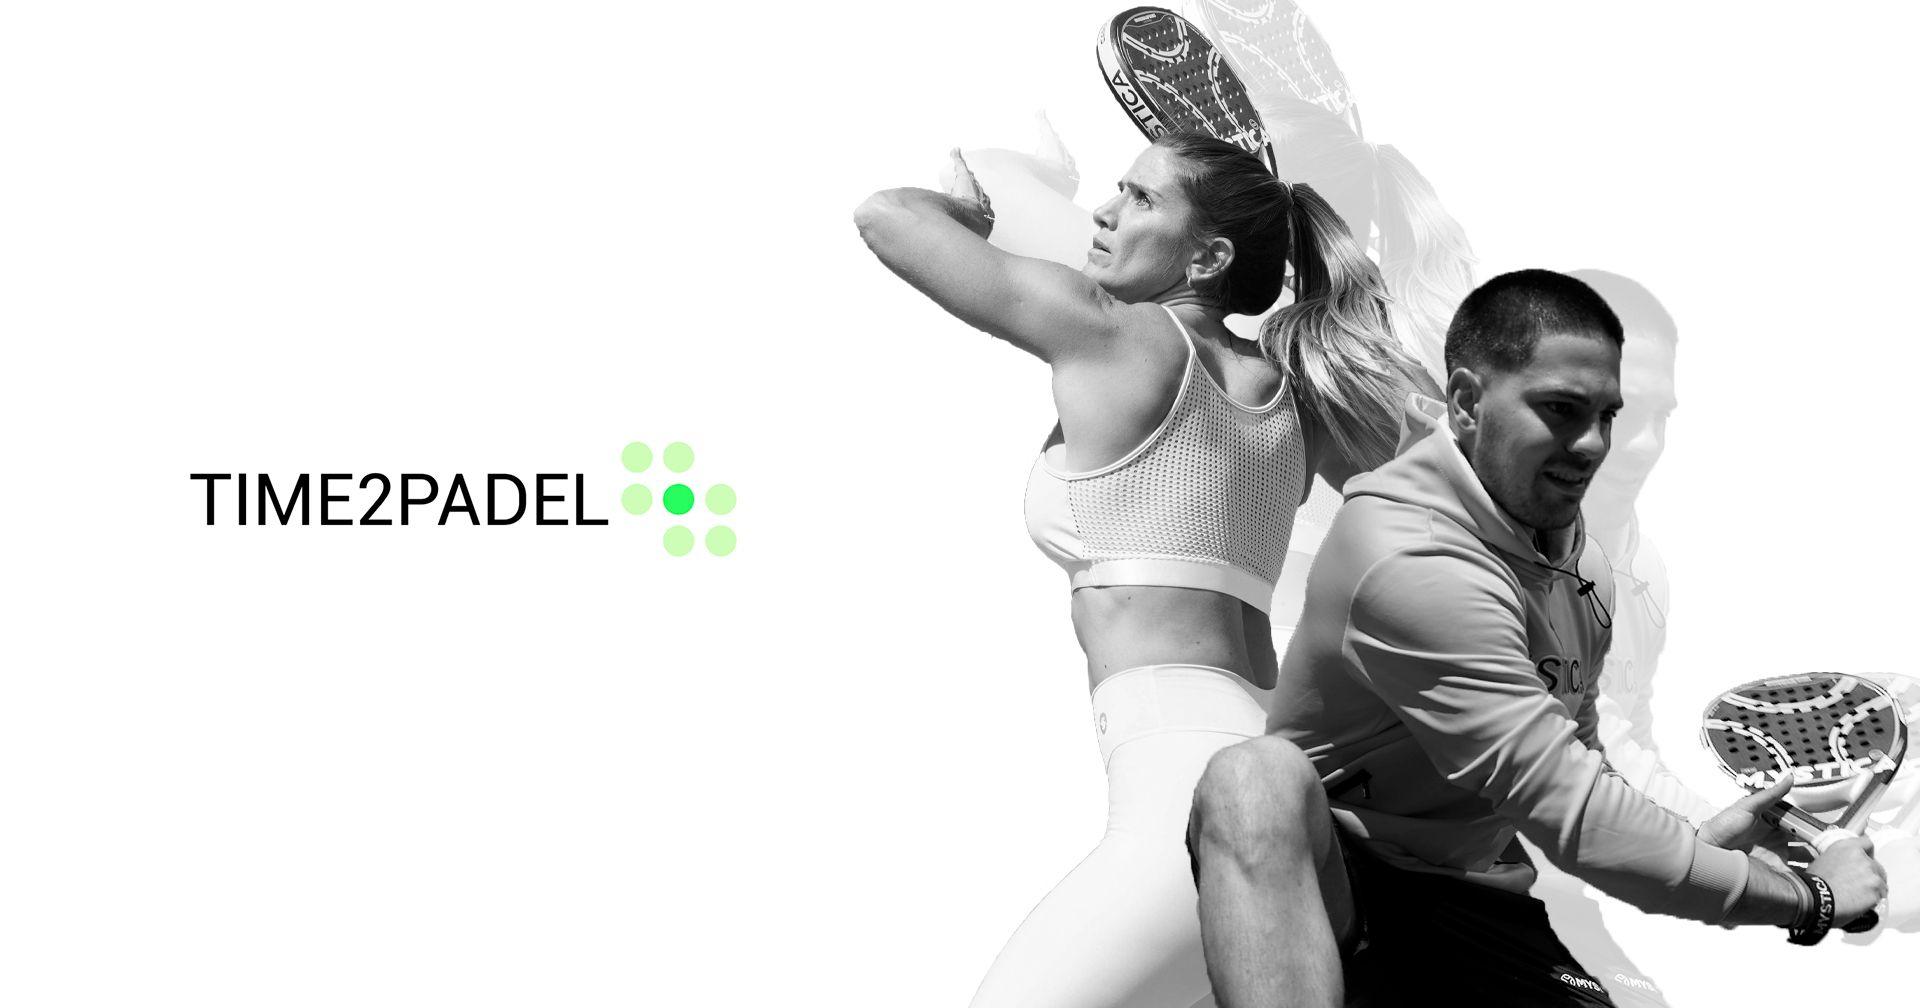 Clubes Time2Padel: Otros beneficios y estrategia